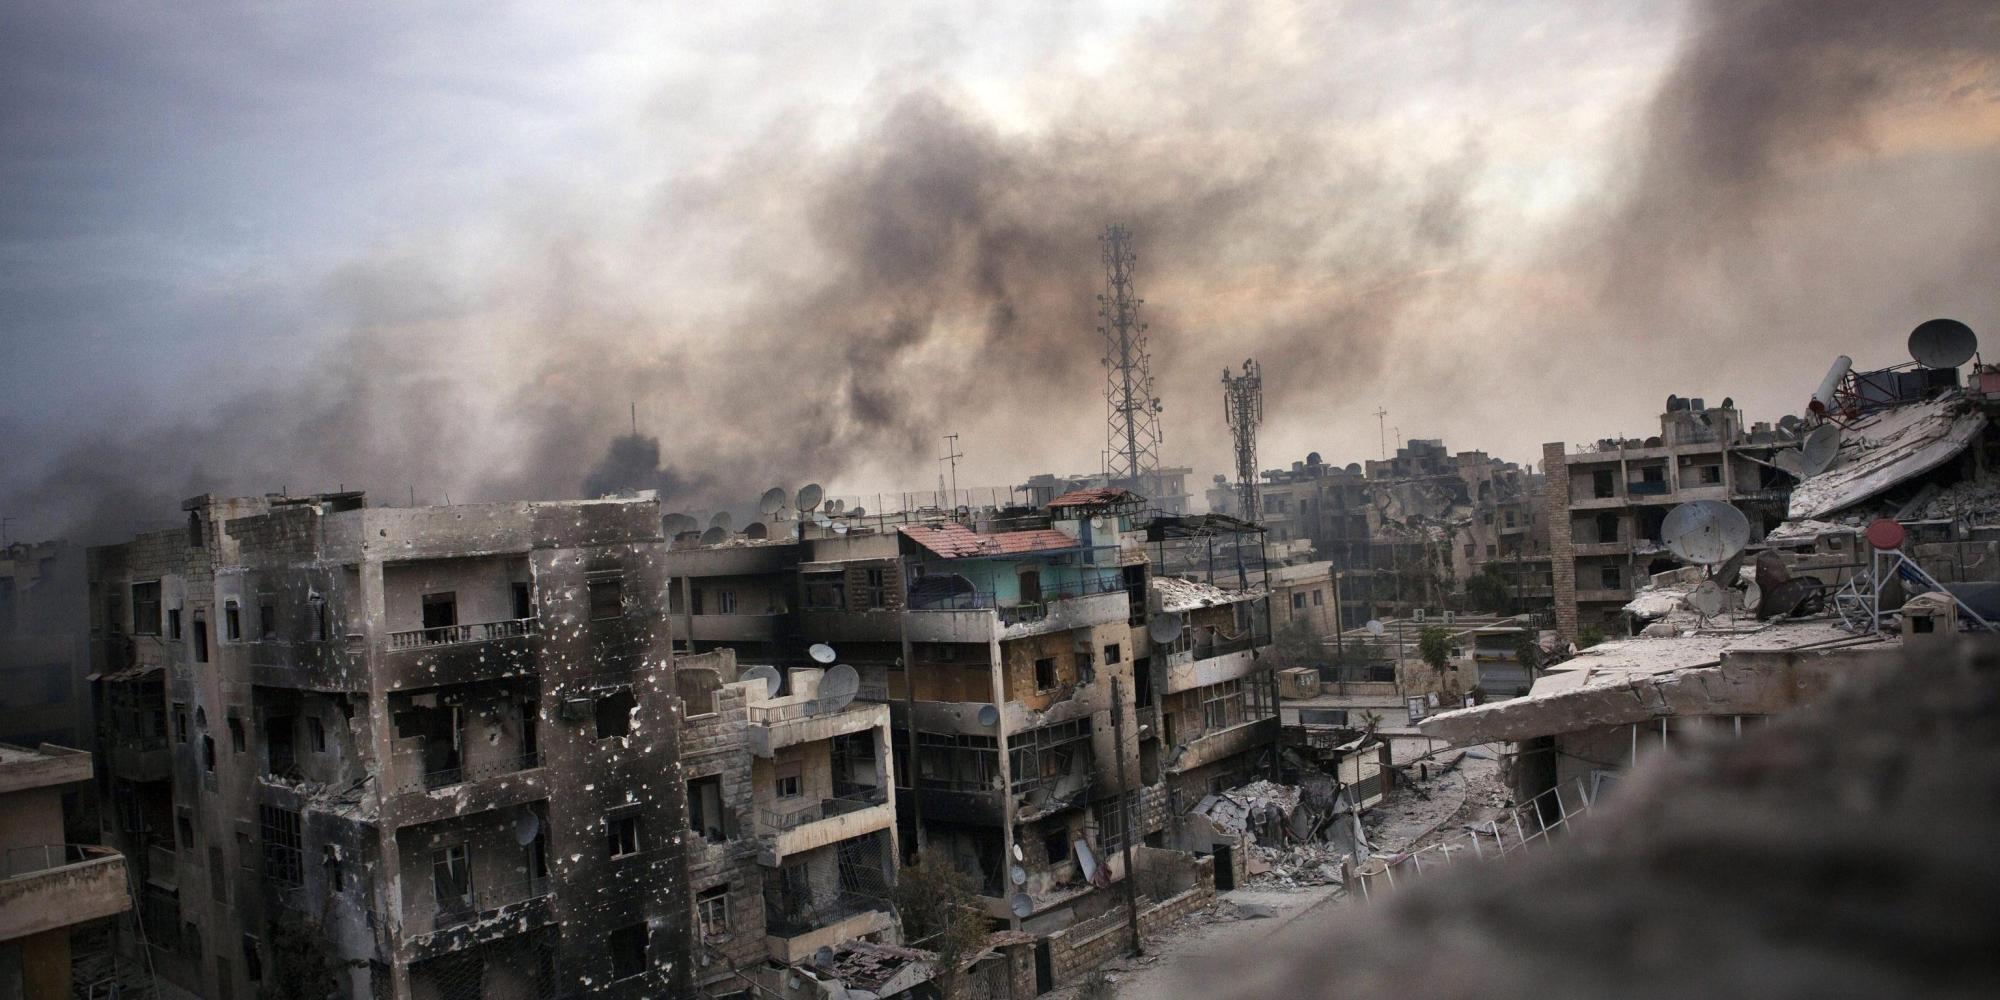 GUERRA IN SIRIA: COSA STA SUCCEDENDO E PERCHE'?